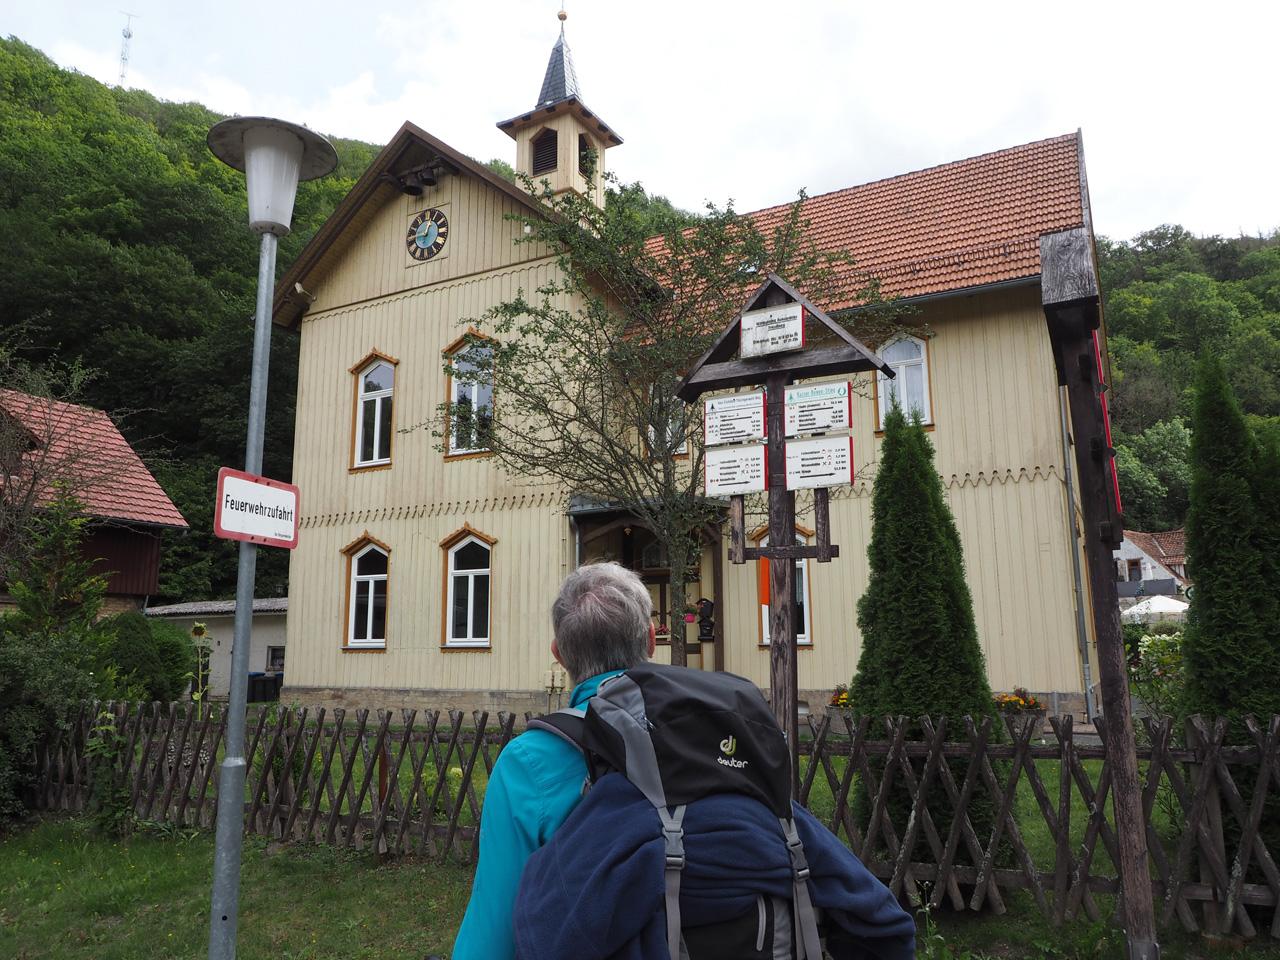 bij de houten kerk in Treseburg